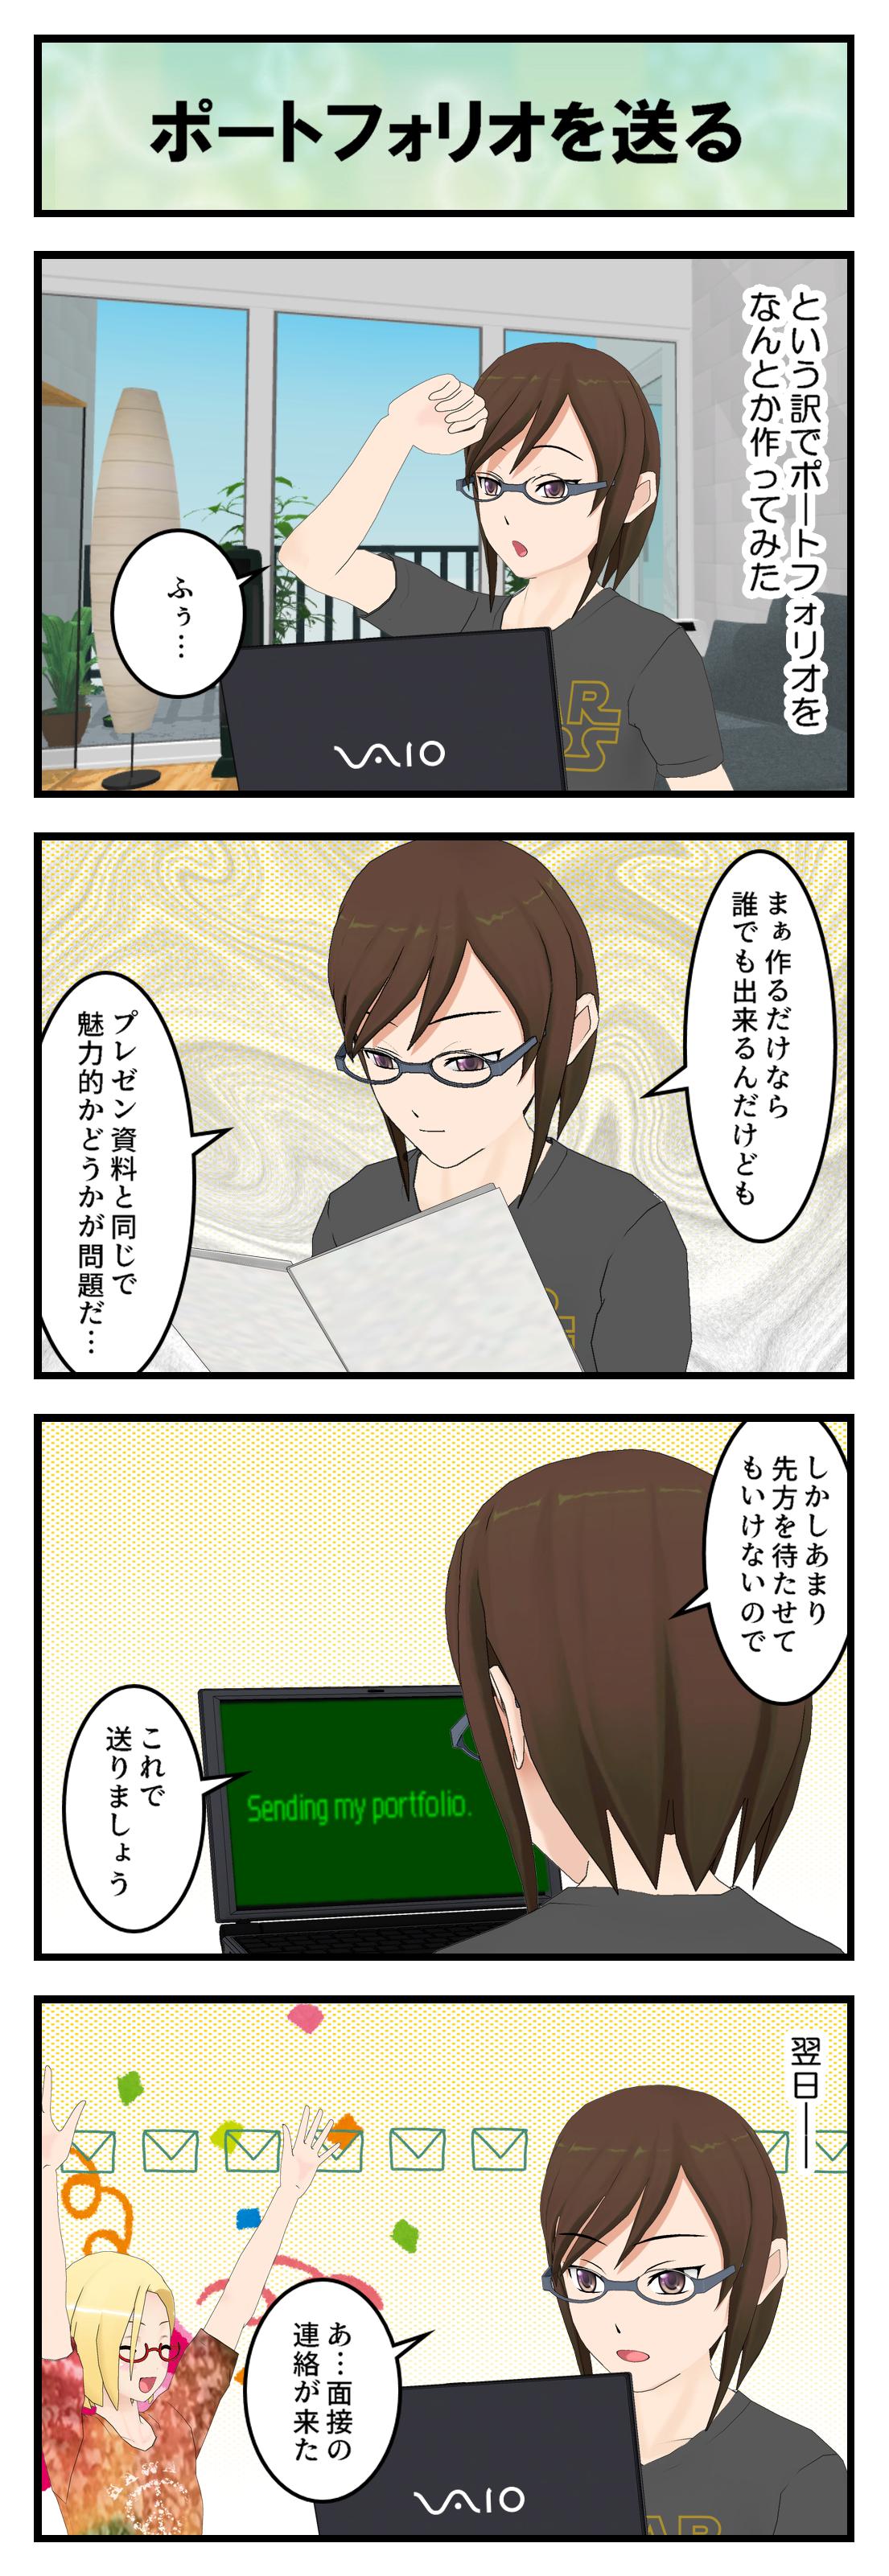 R537_グラフィック8_001